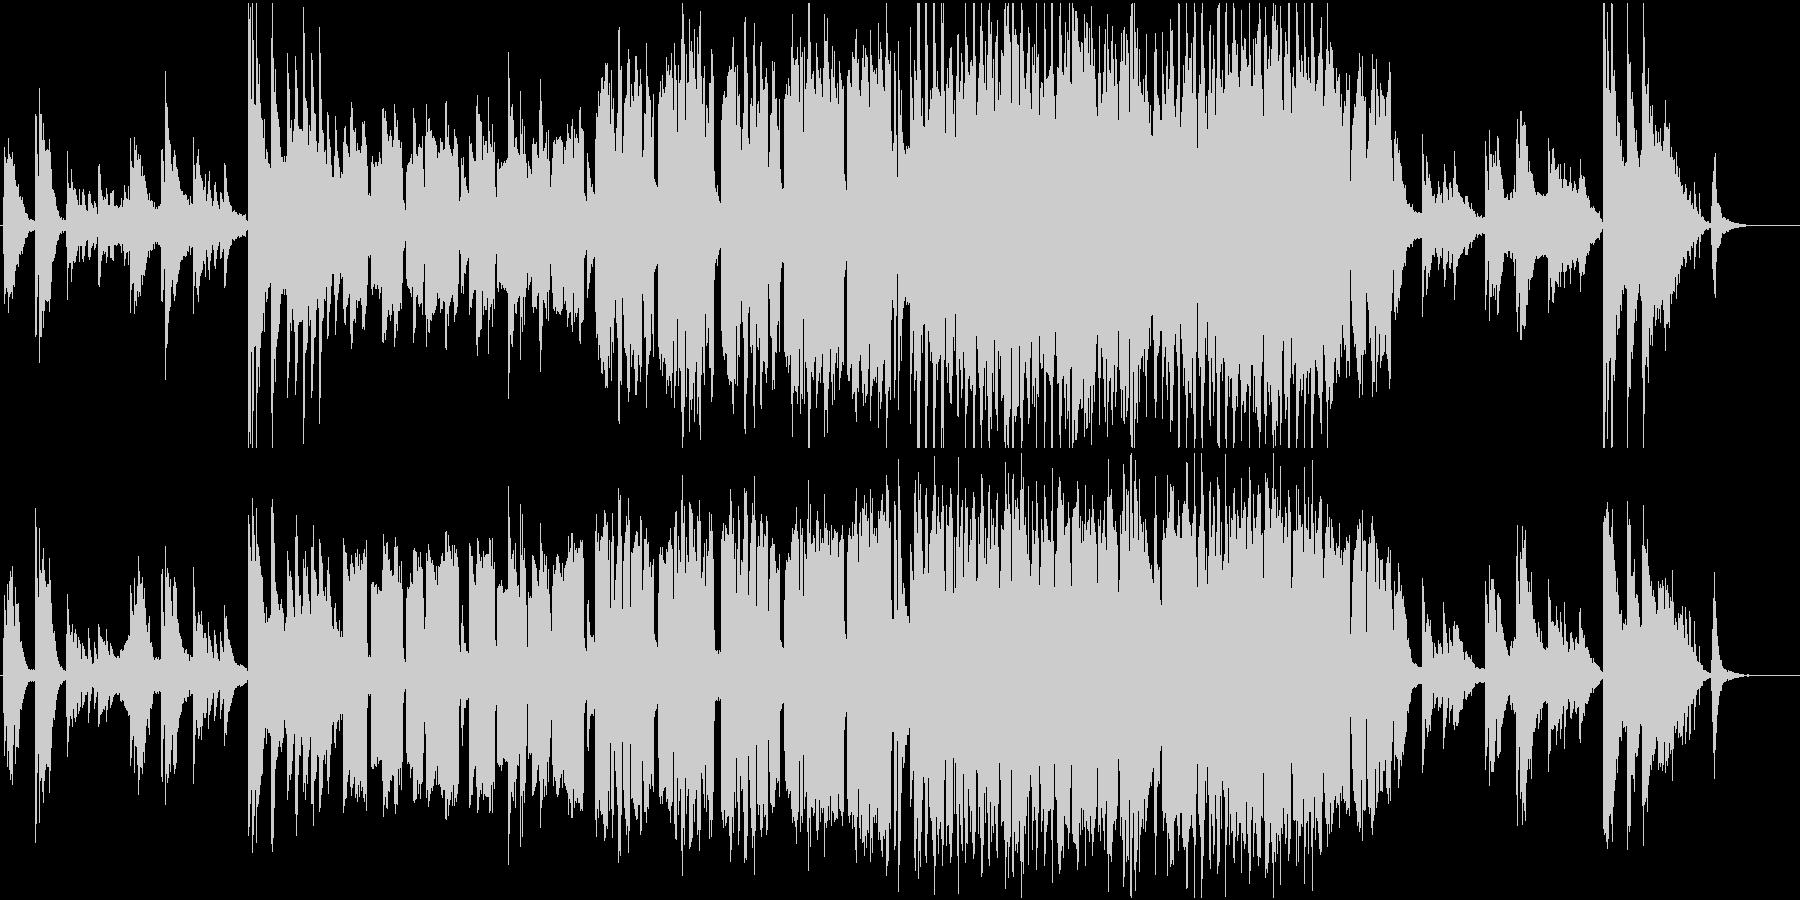 フルート主旋律の弦とピアノのバラードの未再生の波形